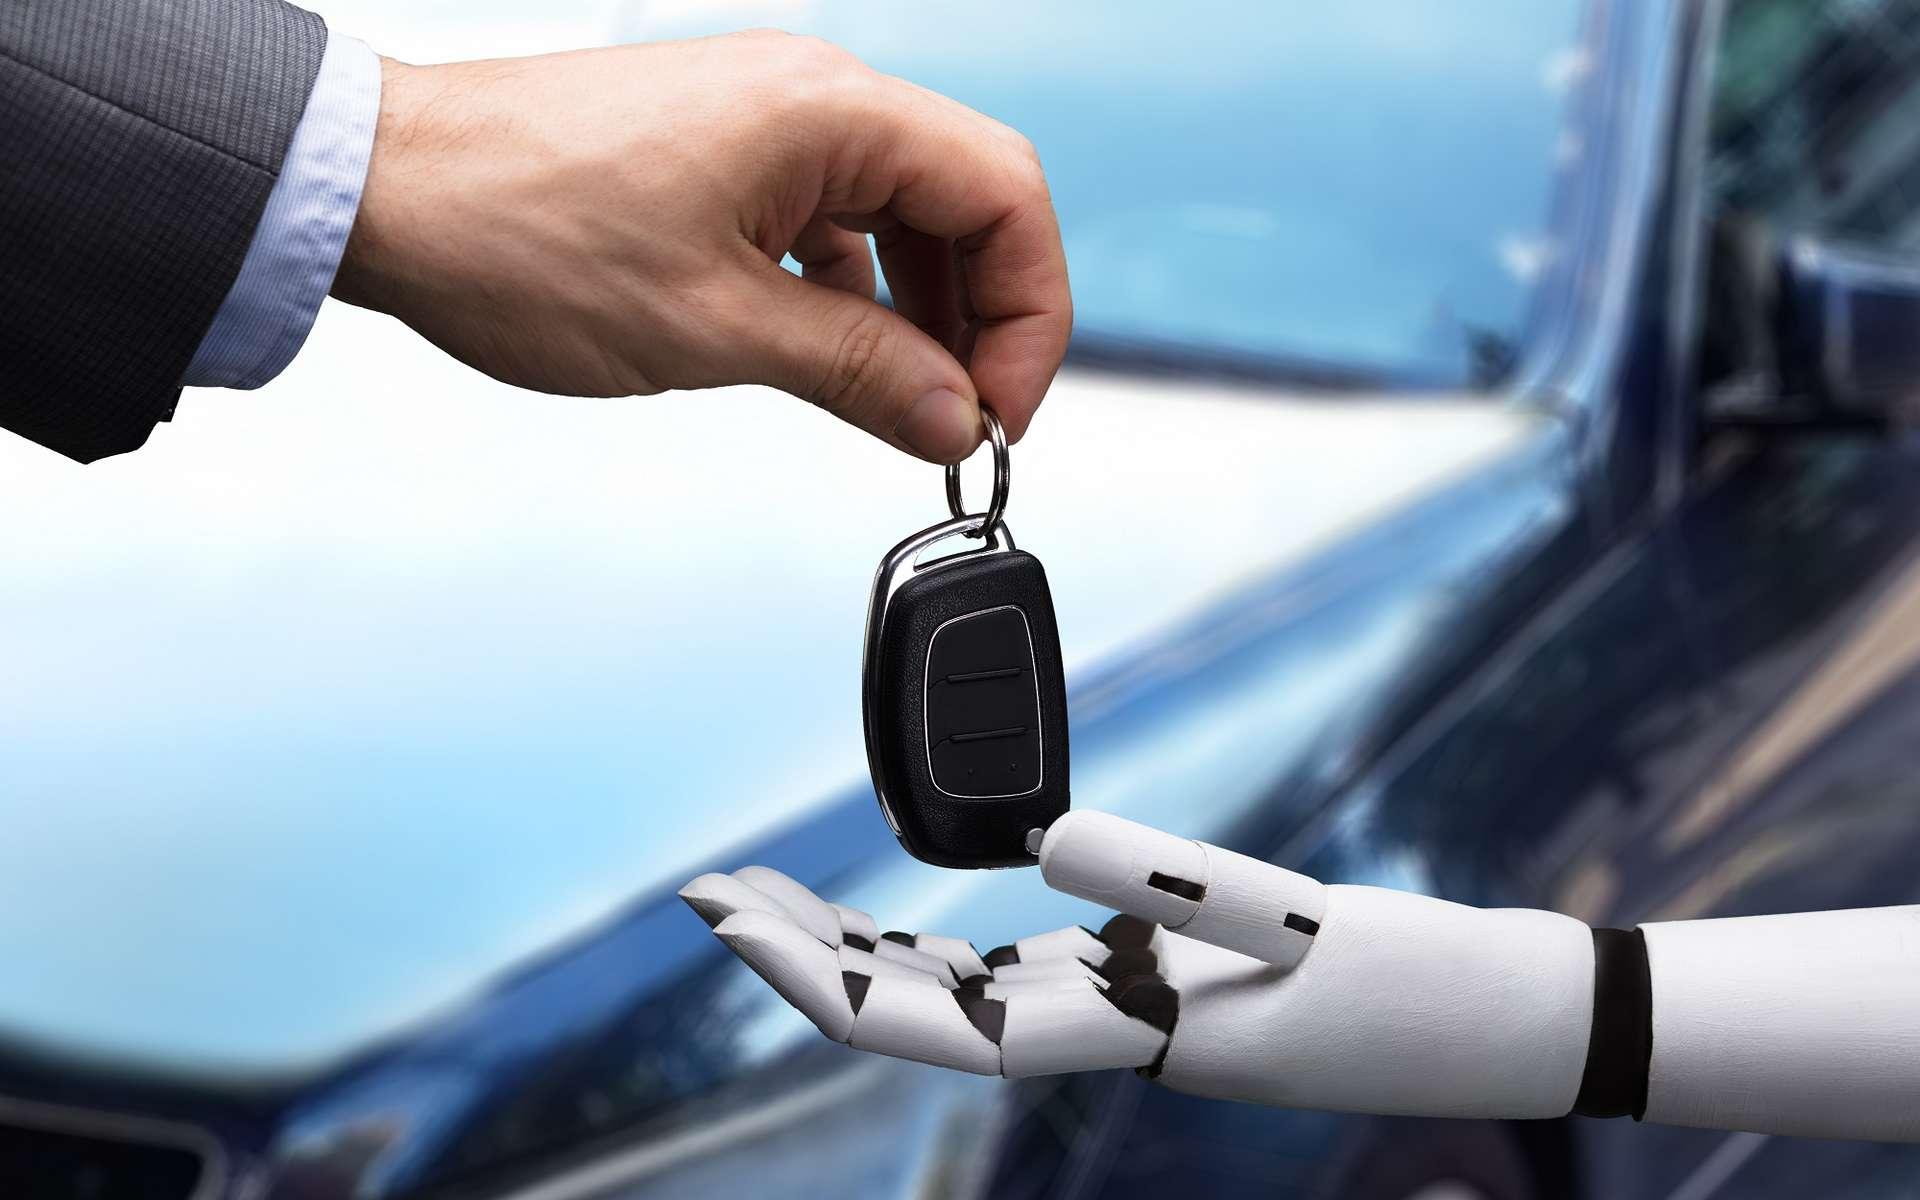 Dans les 5 à 10 ans à venir, les voitures et transports en commun seront de plus en plus robotisés et autonomes. © Andrey Popov, Adobe Stock.